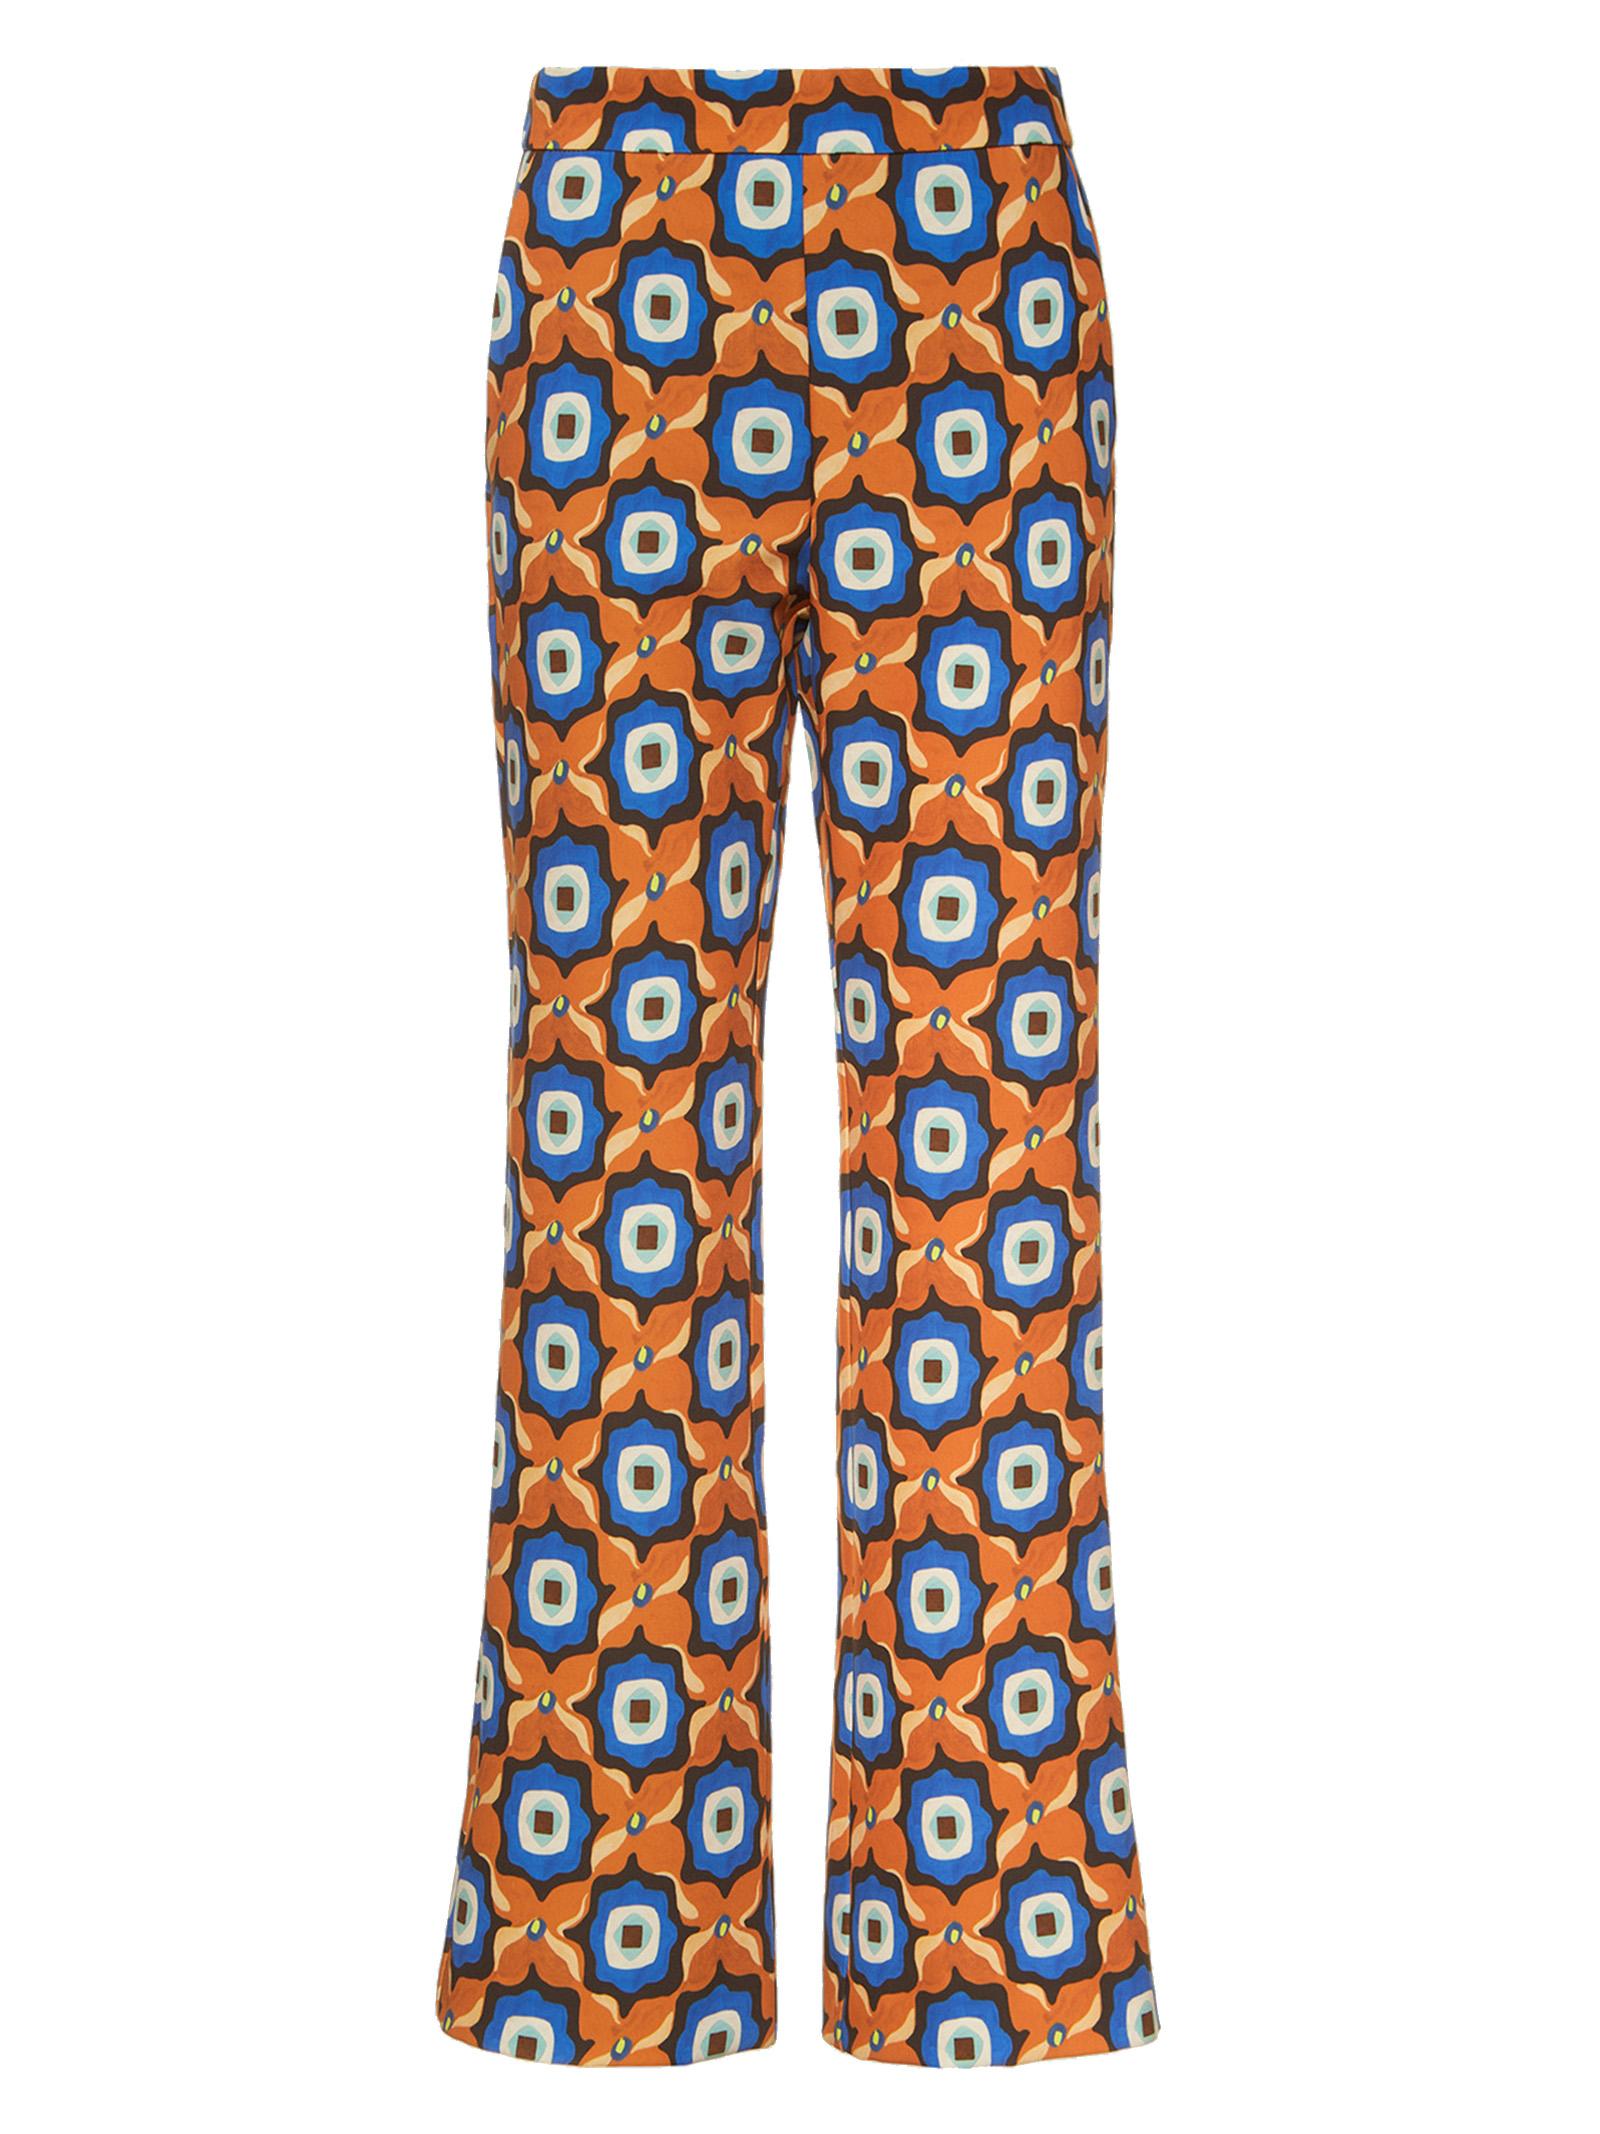 Abbigliamento Donna Pantalone Alchimia Print Cady Cuoio e Cobalto Maliparmi | Gonne e Pantaloni | JH747960058A4131